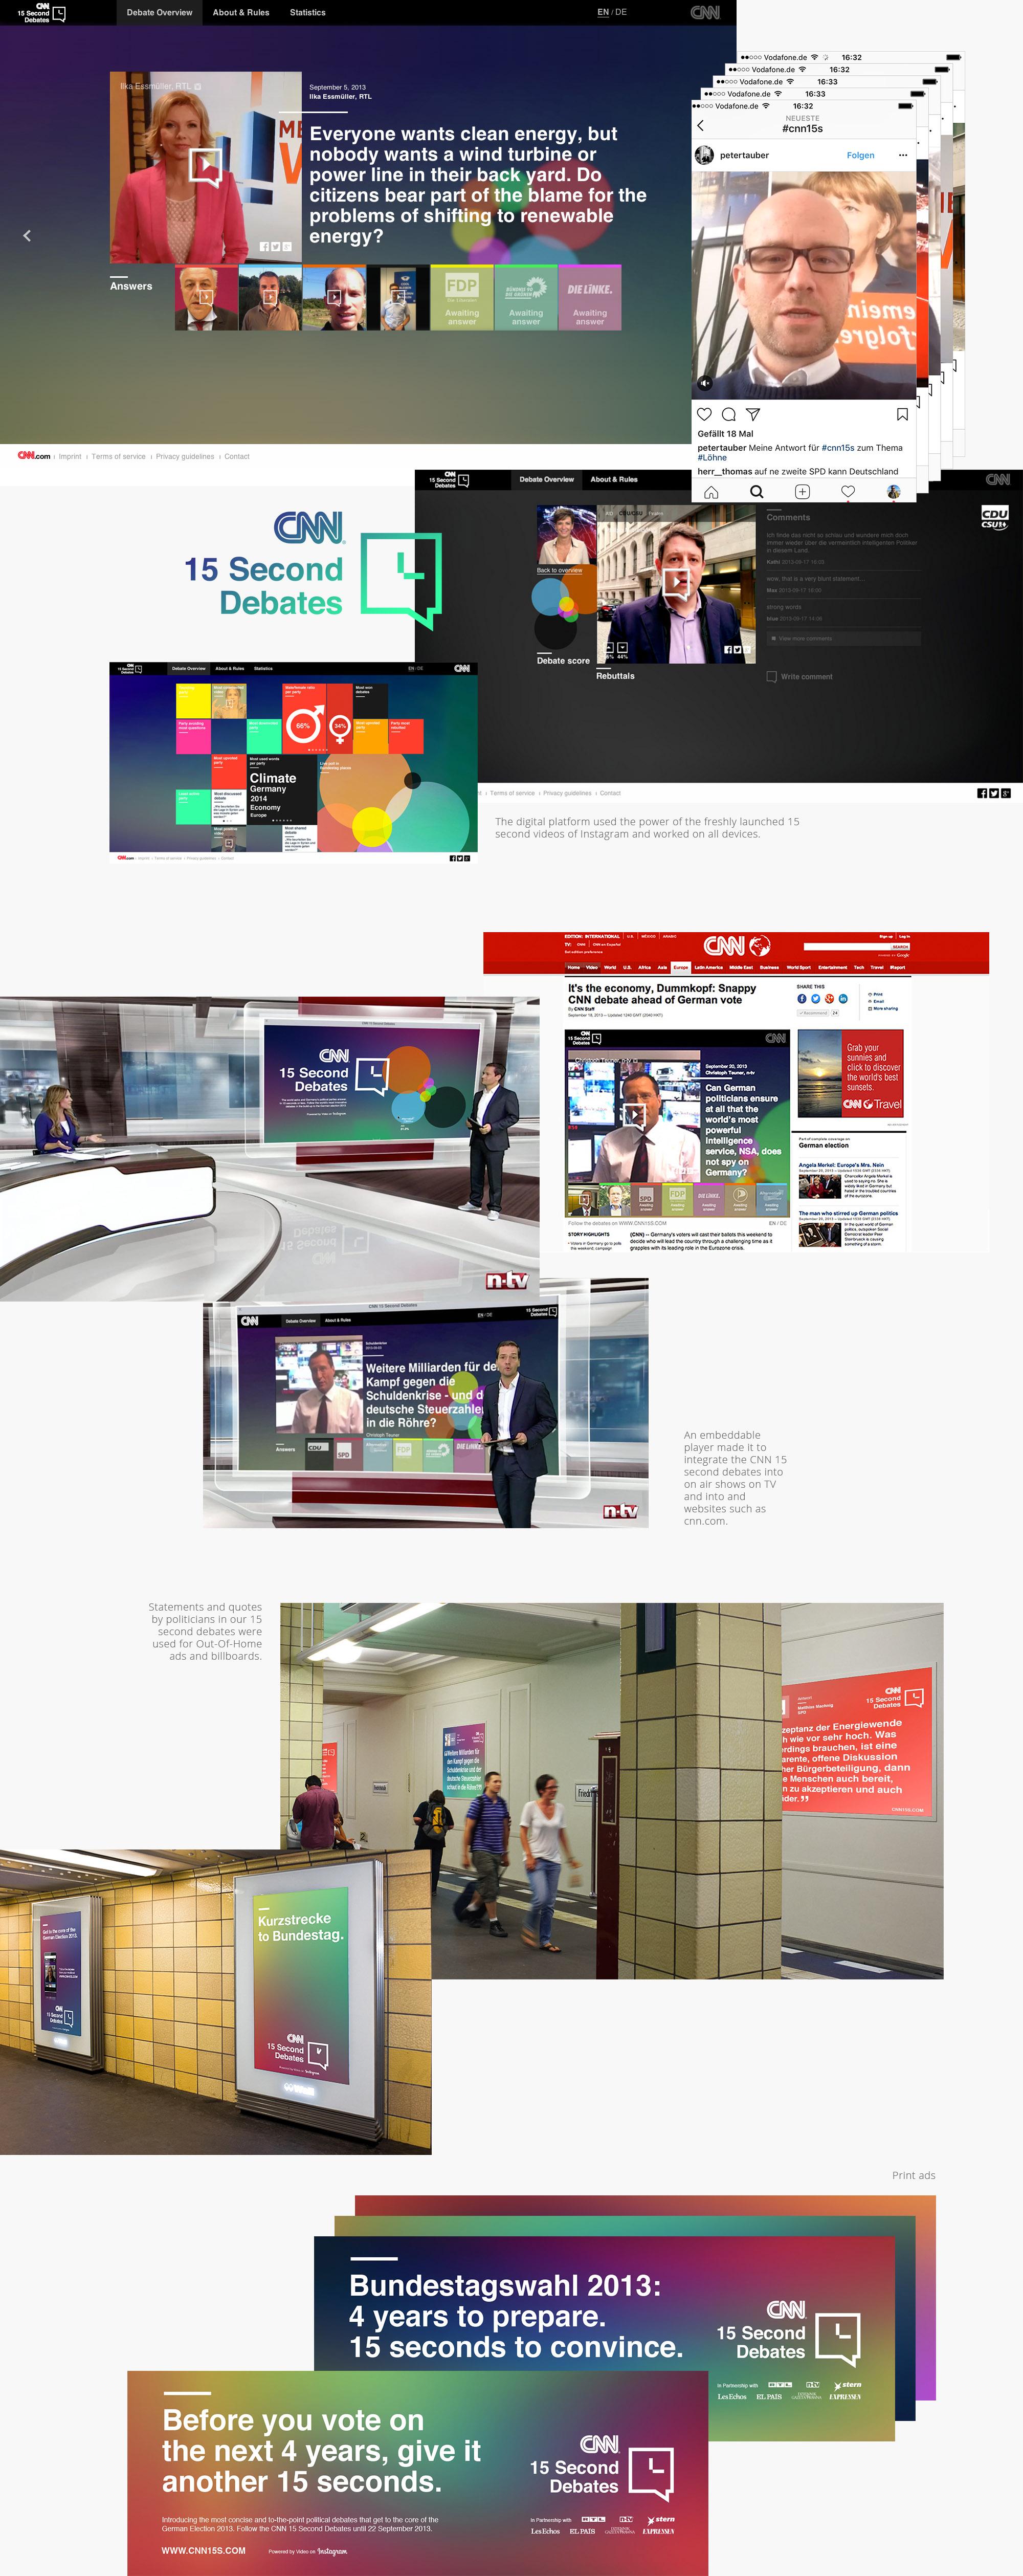 CNN - The 15 second debates